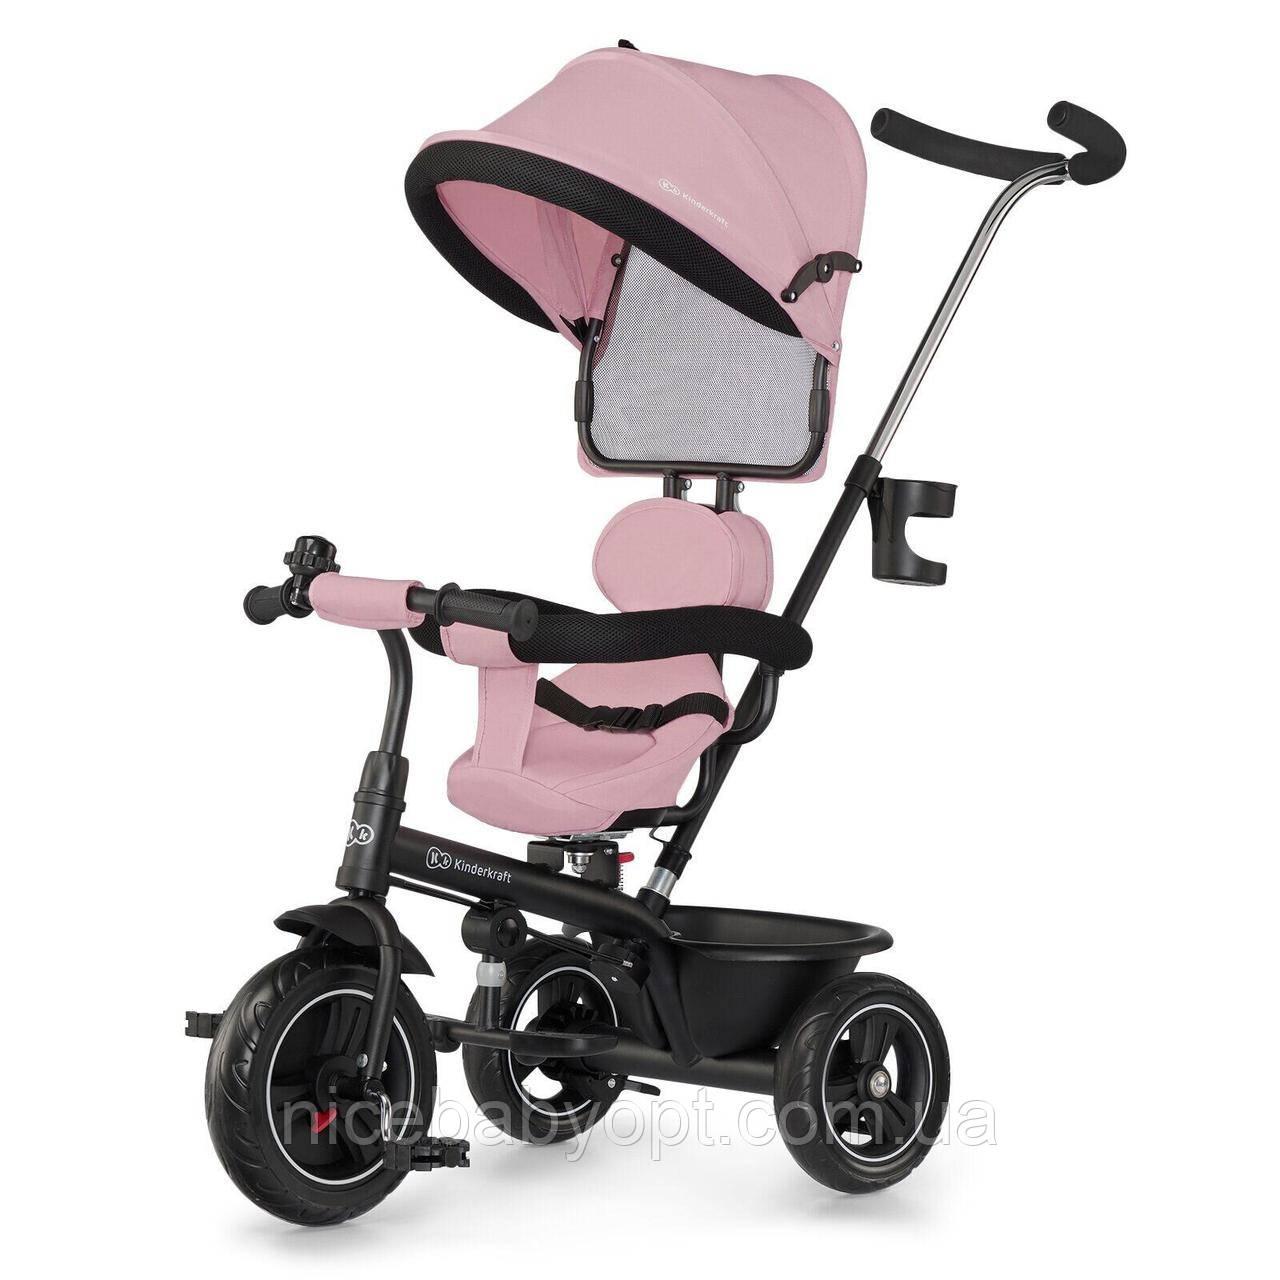 Трехколесный велосипед Kinderkraft Freeway Pink